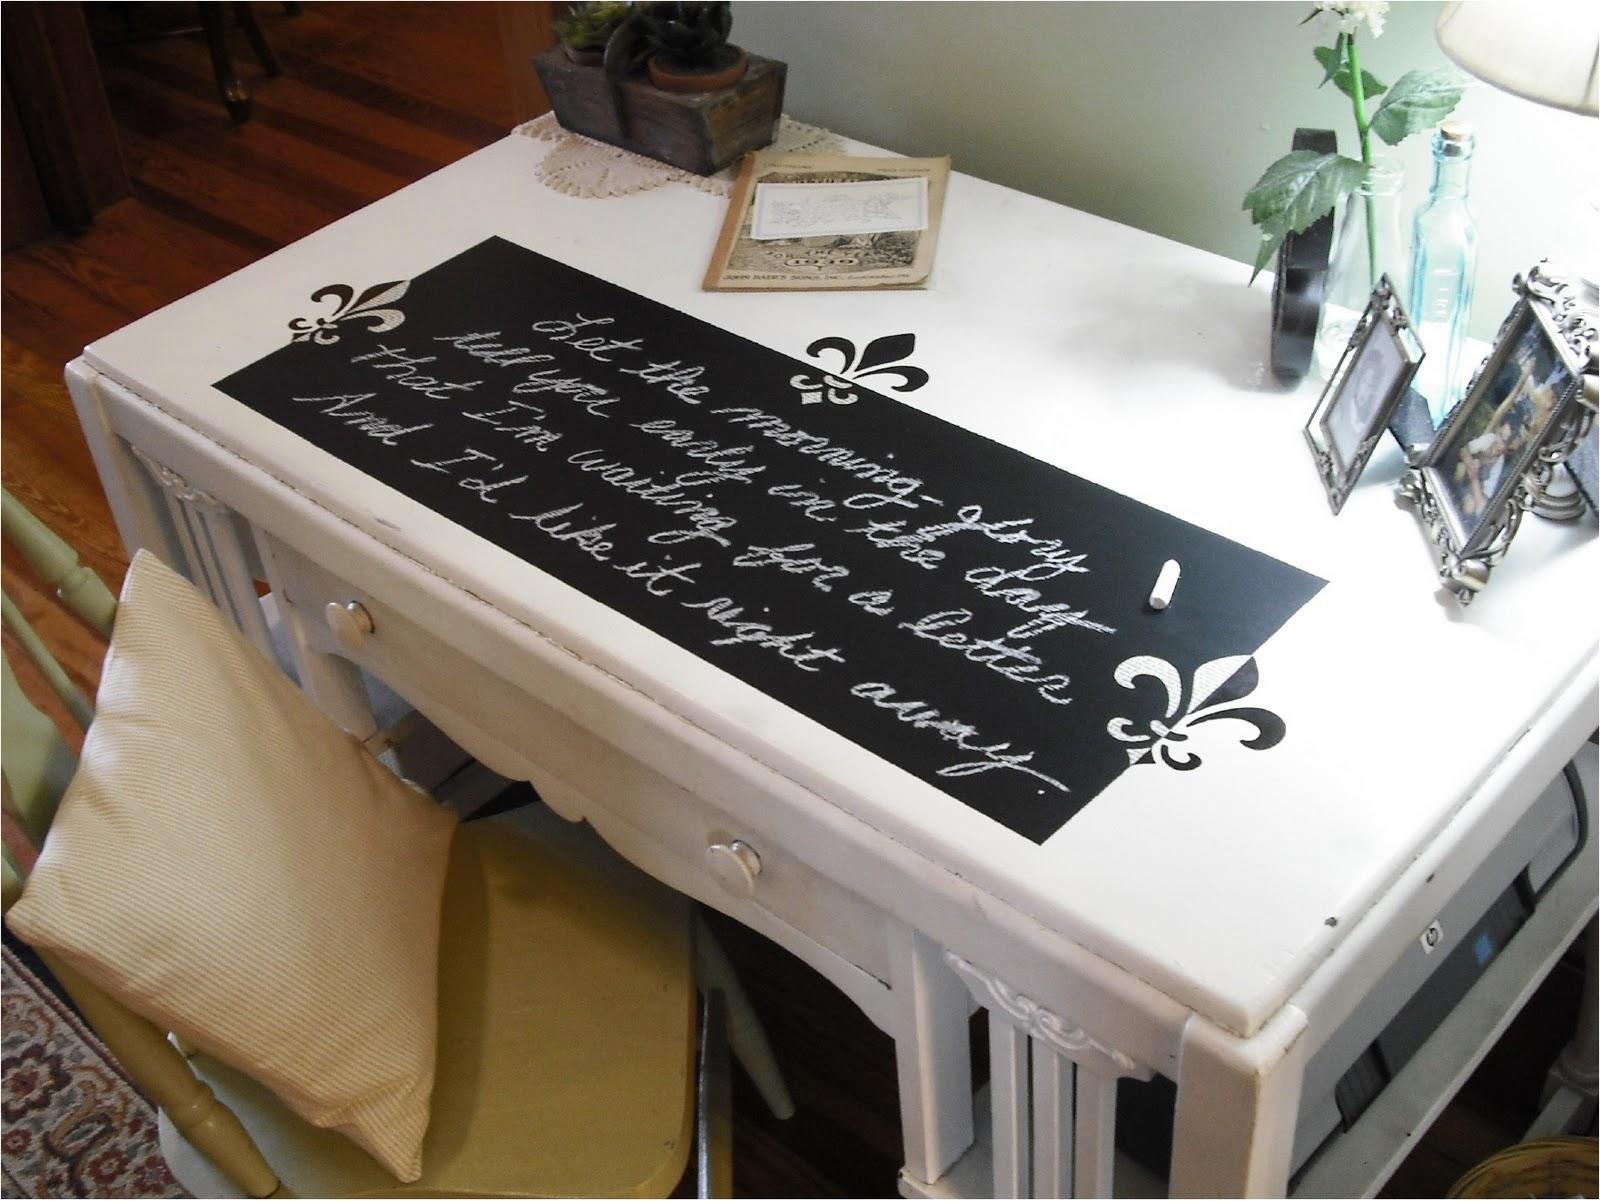 stencil in cucina : KITCHEN CAFE STENCILS STENCIL CUCINA WINE COOK.